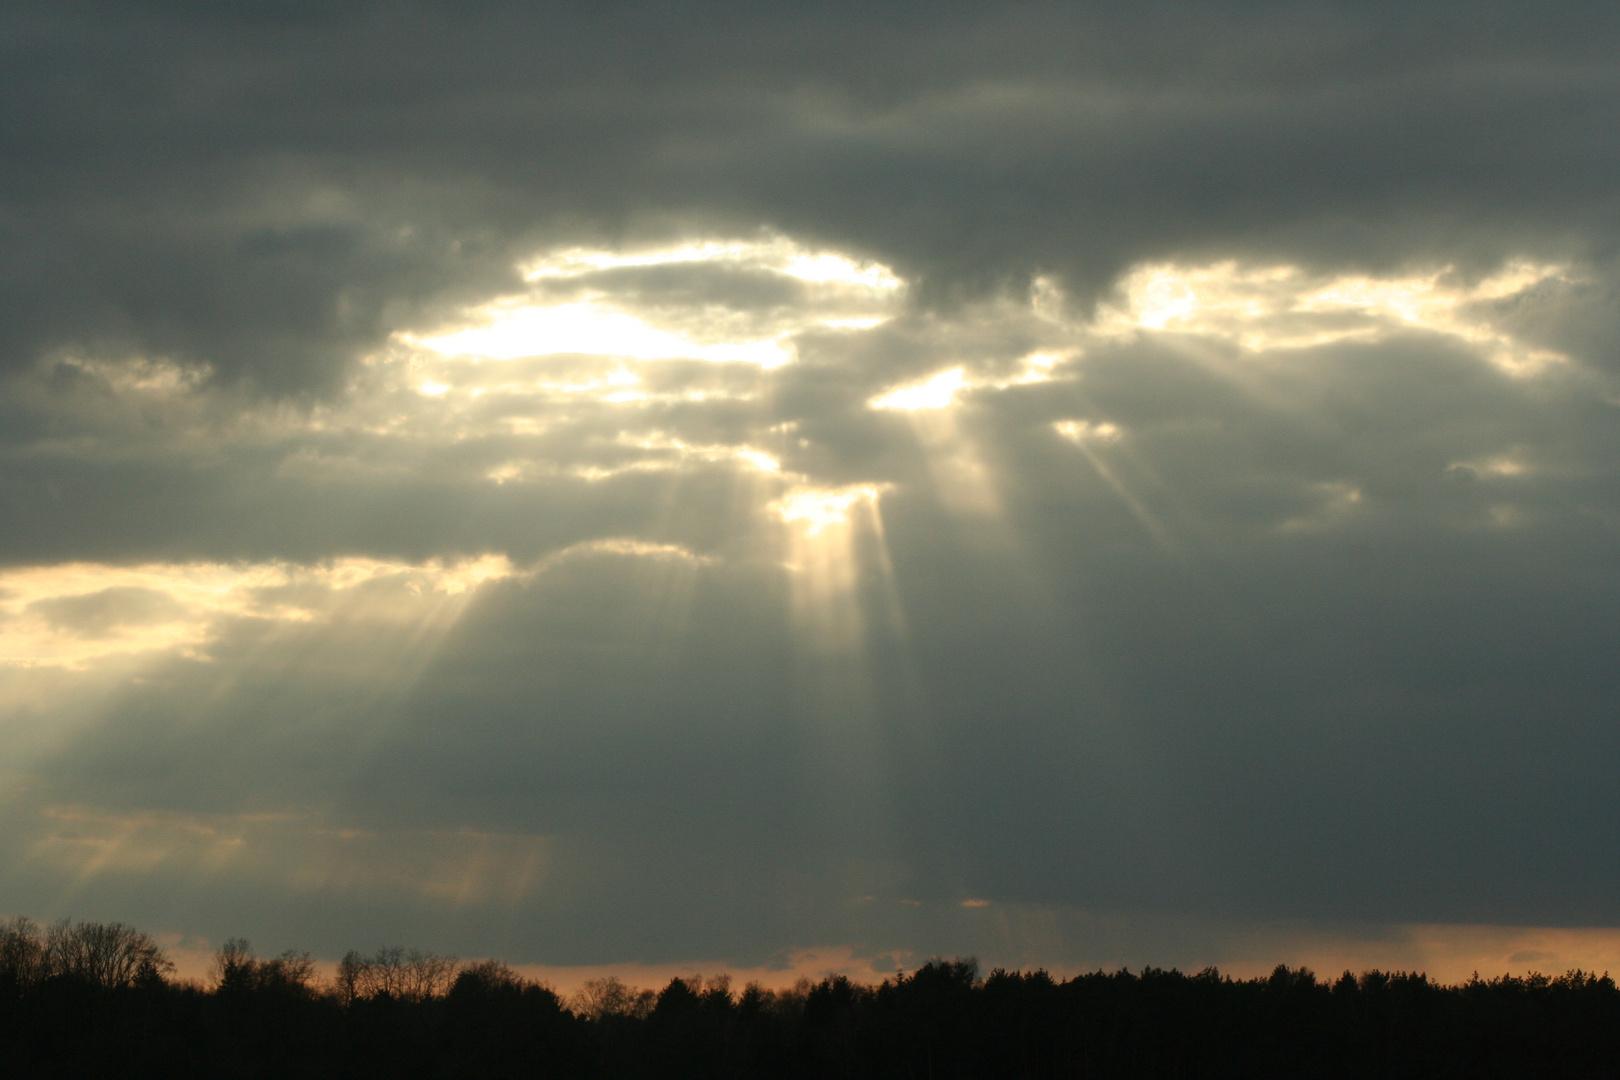 der Himmel reißt auf